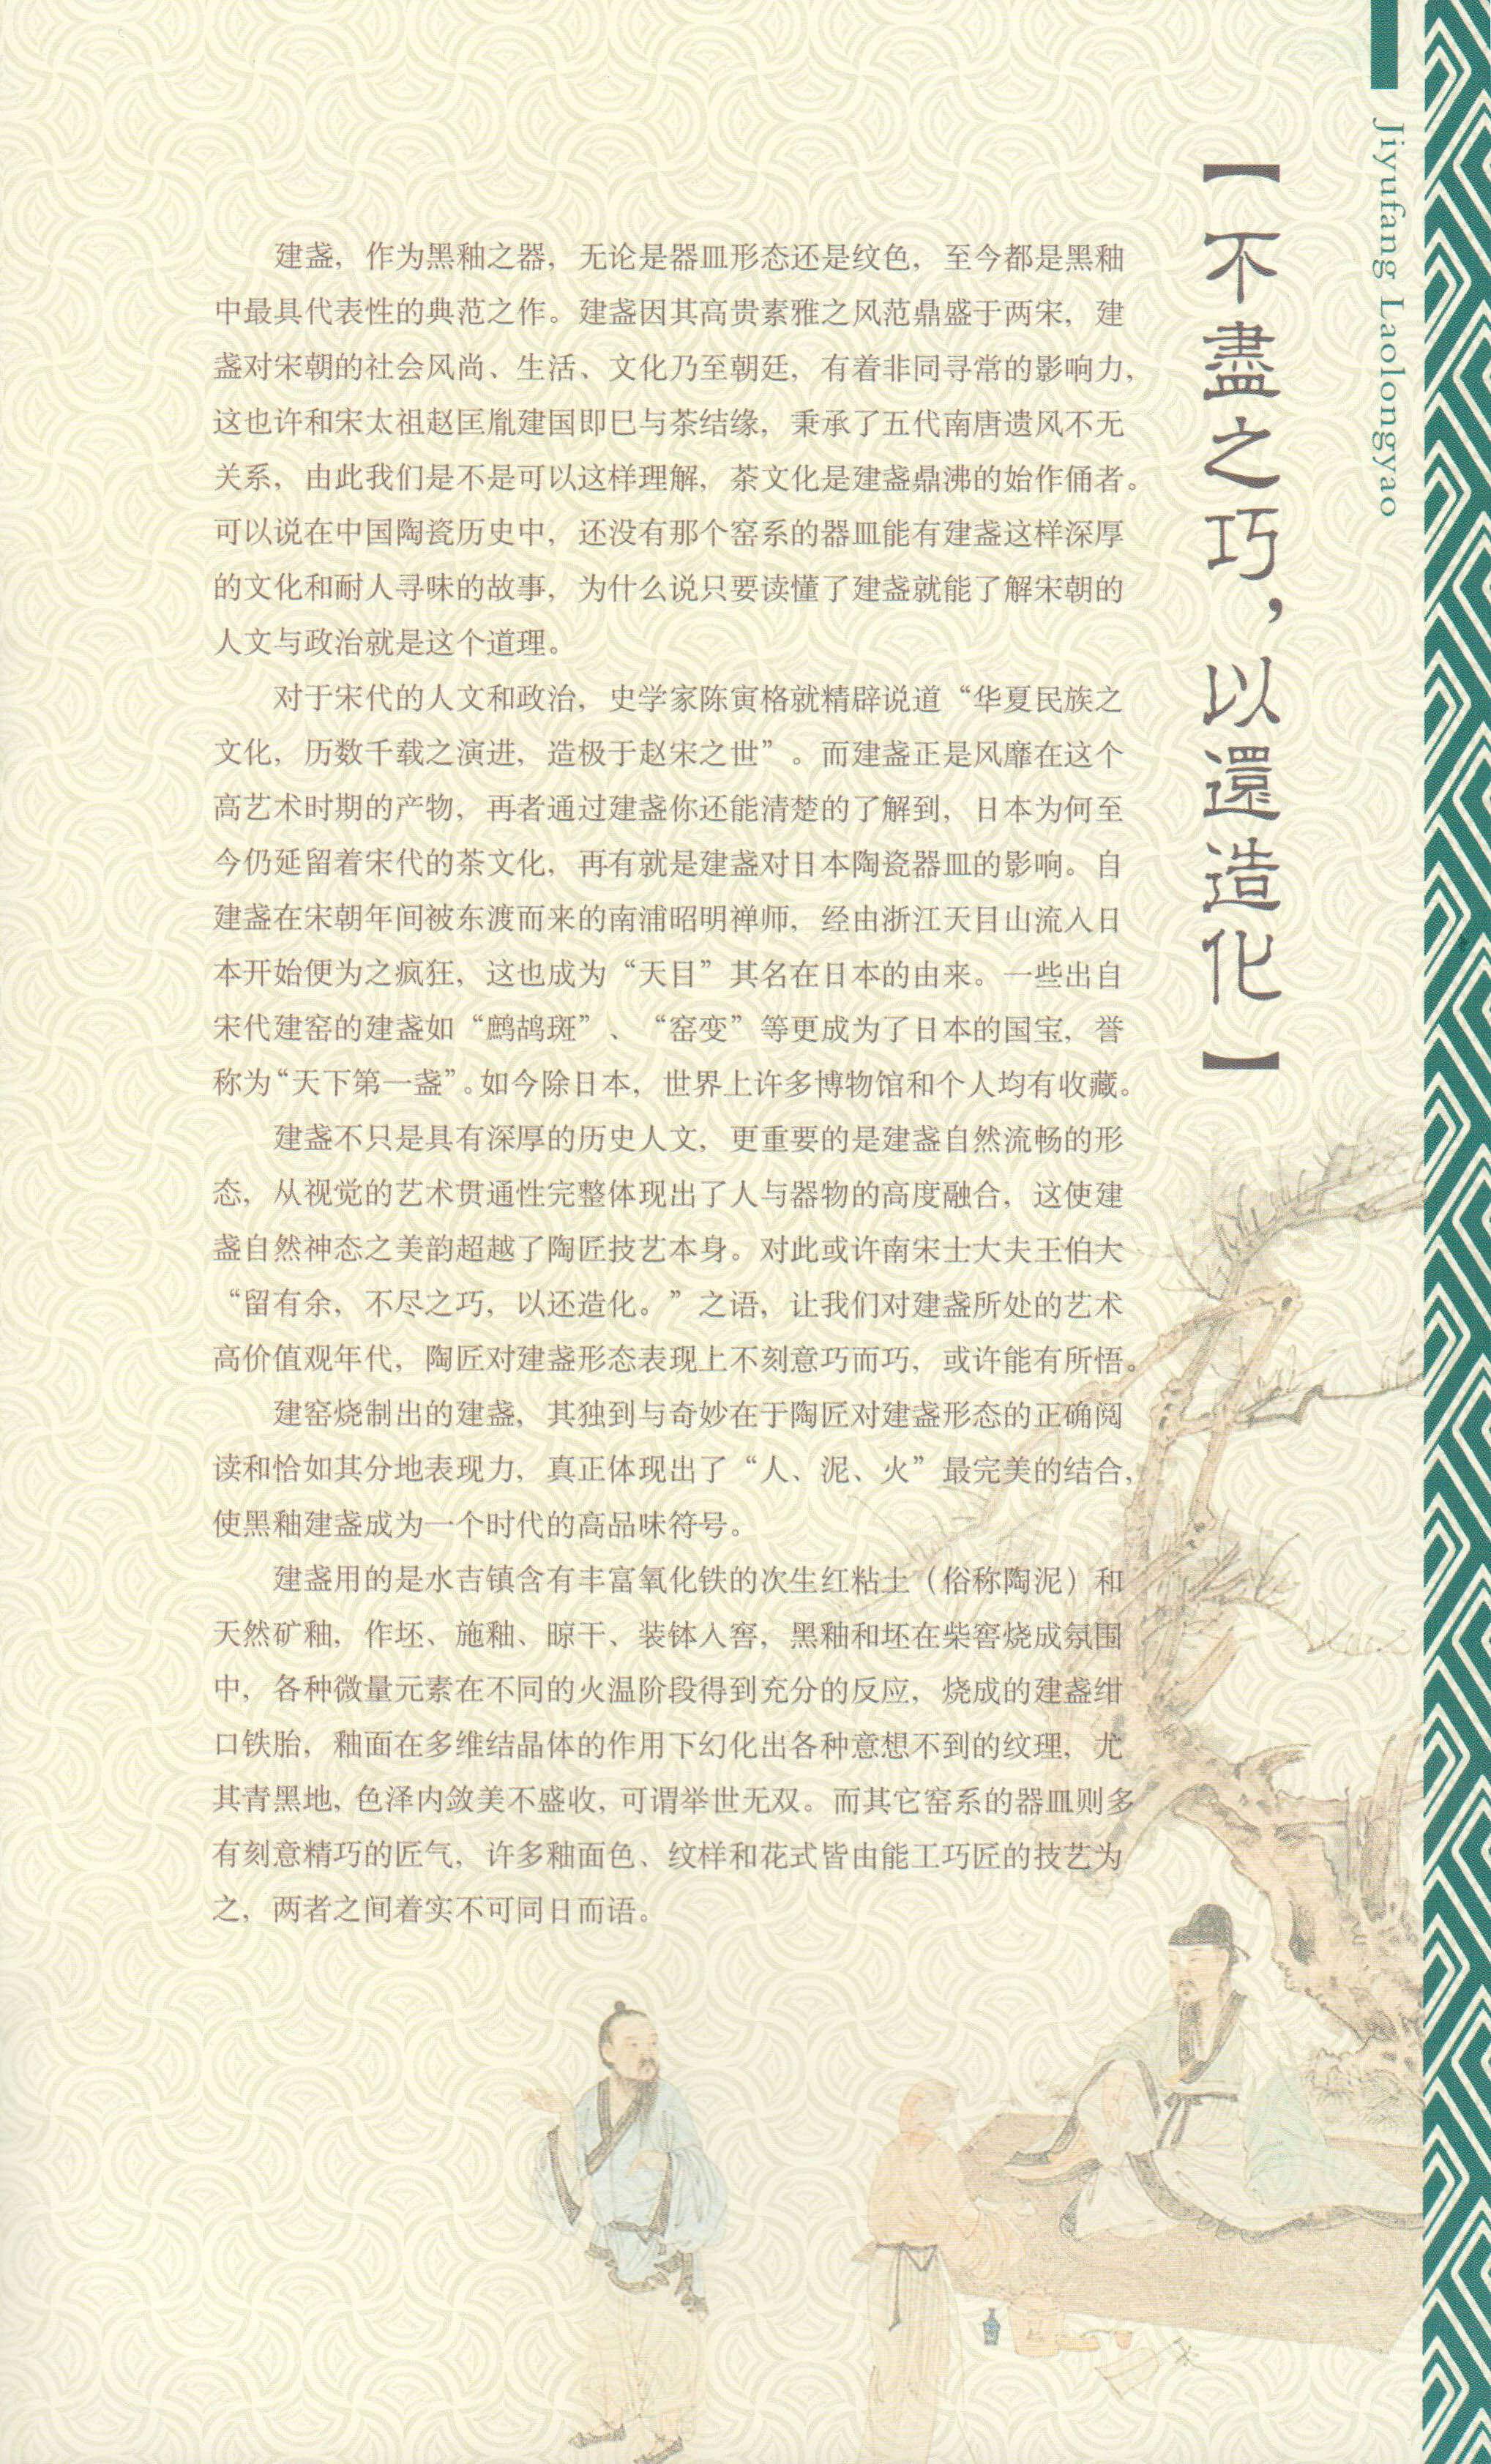 jiyufang_laolongyao-7